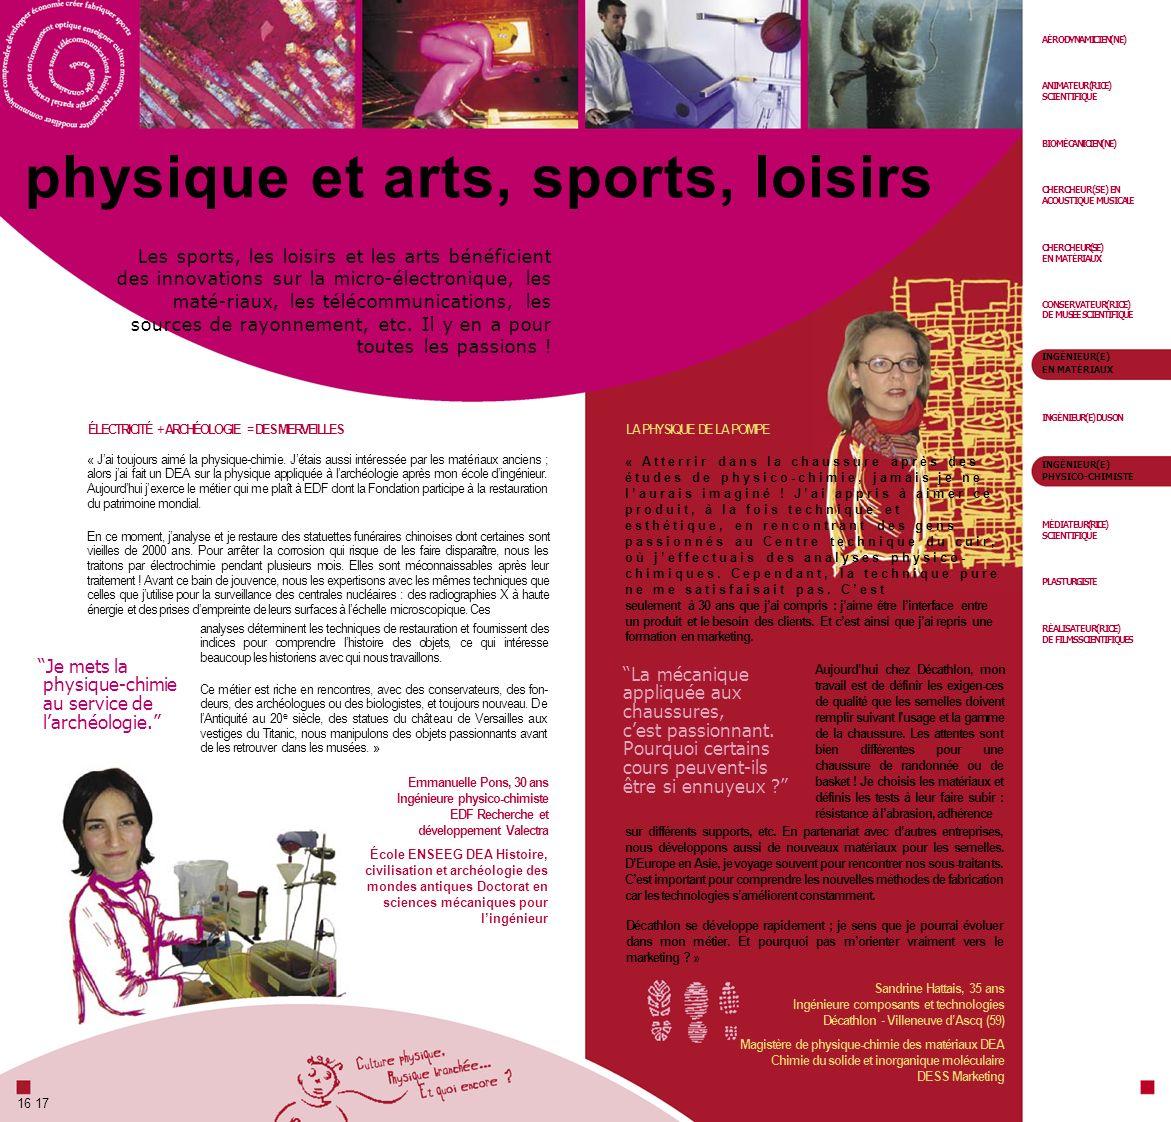 AÉRODYNAMICIEN(NE) ANIMATEUR(RICE) SCIENTIFIQUE physique et arts, sports, loisirs BIOMÉCANICIEN(NE) CHERCHEUR(SE) EN ACOUSTIQUE MUSICALE Les sports, l